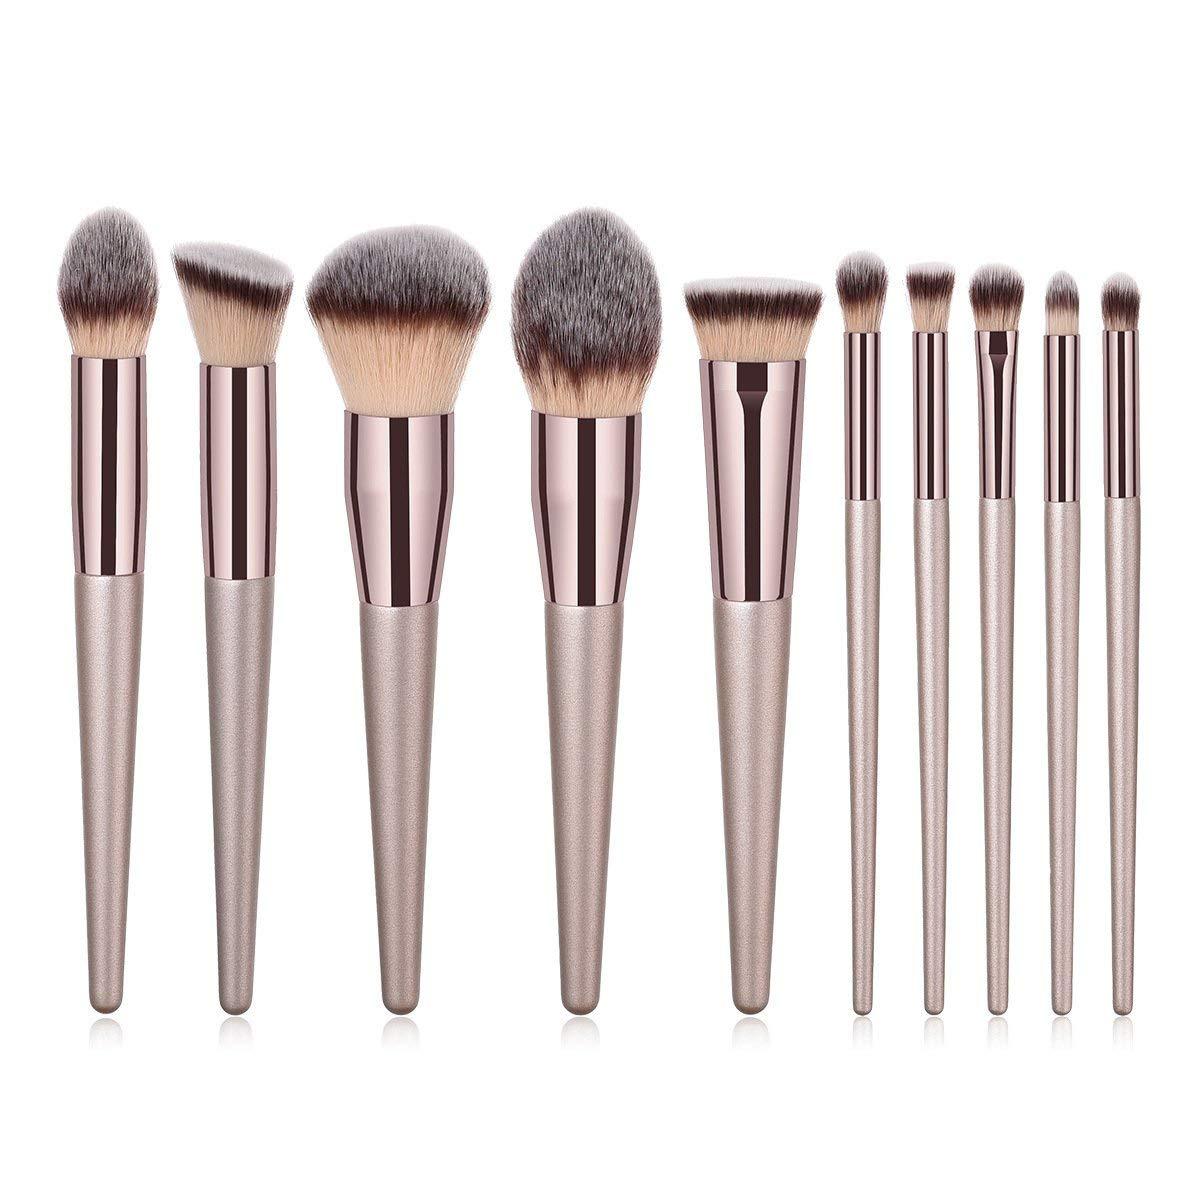 ILADIO Makeup Brush Sets - 10 PCS Wood Handle Soft Synthetic fiber hair Kabuki Powder Blush Liquid Eyeliner Eyeshadow Lip Eyebrow Brush (Champagne Gold)